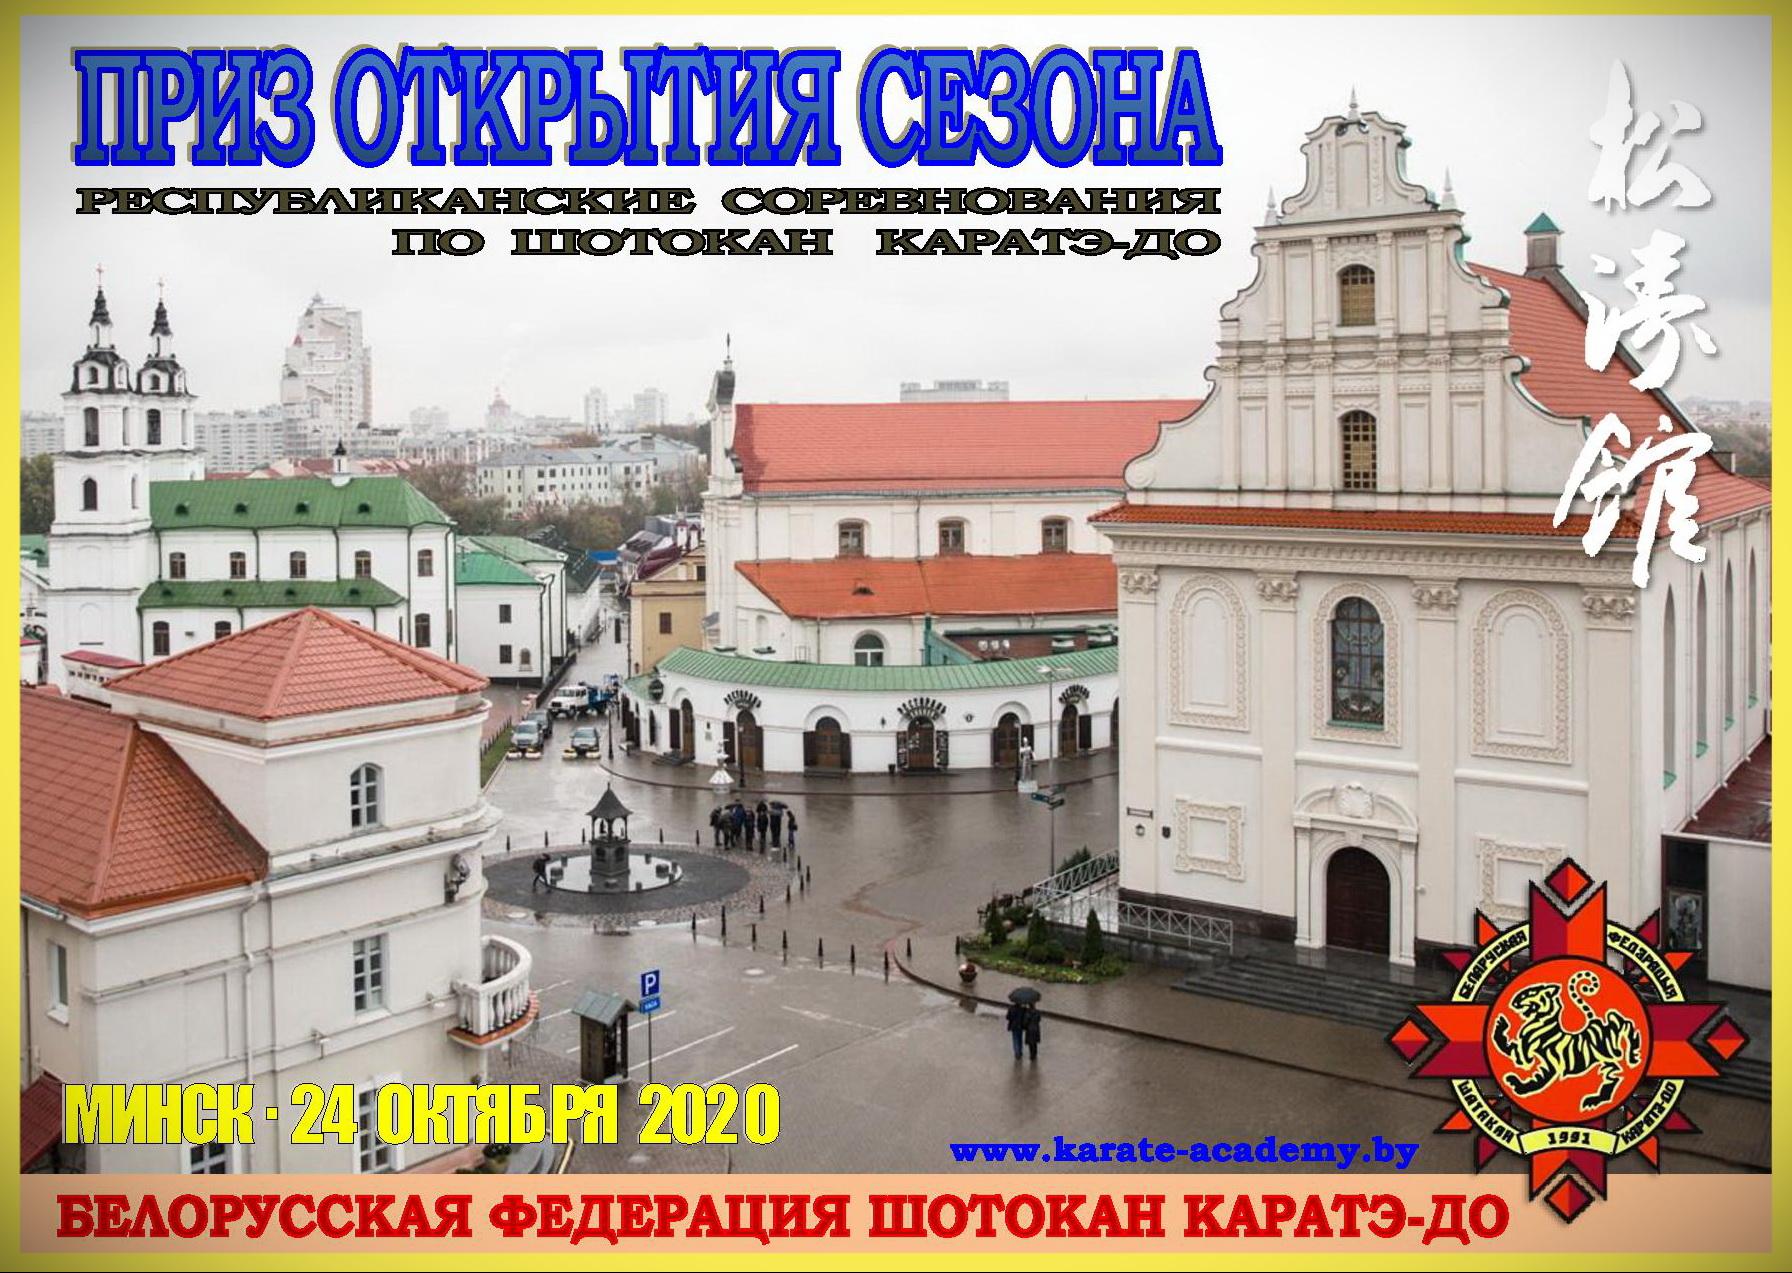 Минск, 24 октября 2020 года. Приз открытия сезона-2020